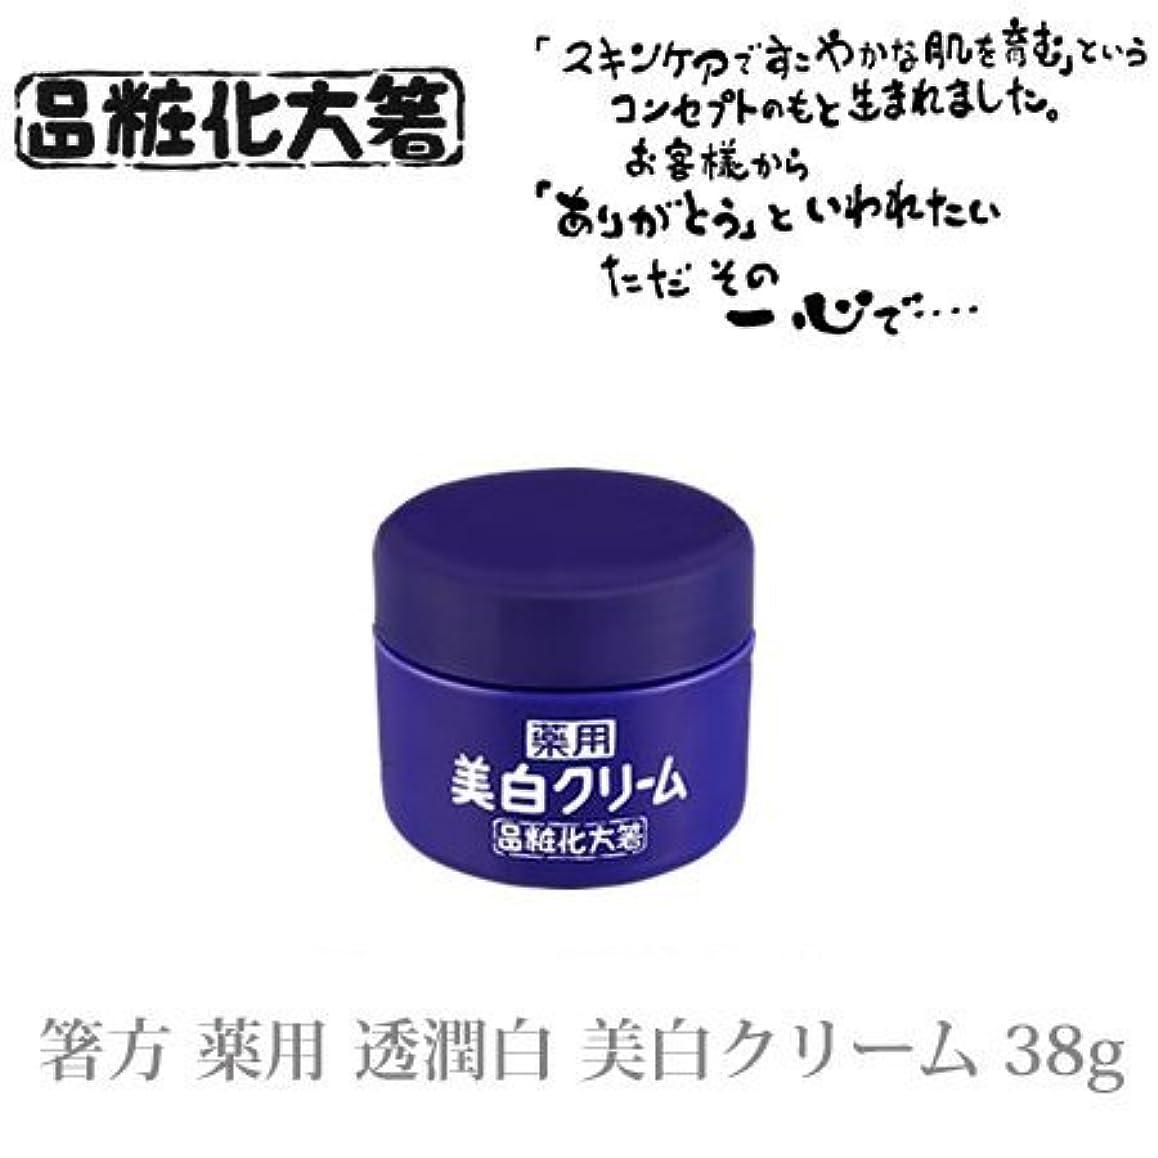 自分自身確保する迫害箸方化粧品 薬用 透潤白 美白クリーム 38g はしかた化粧品